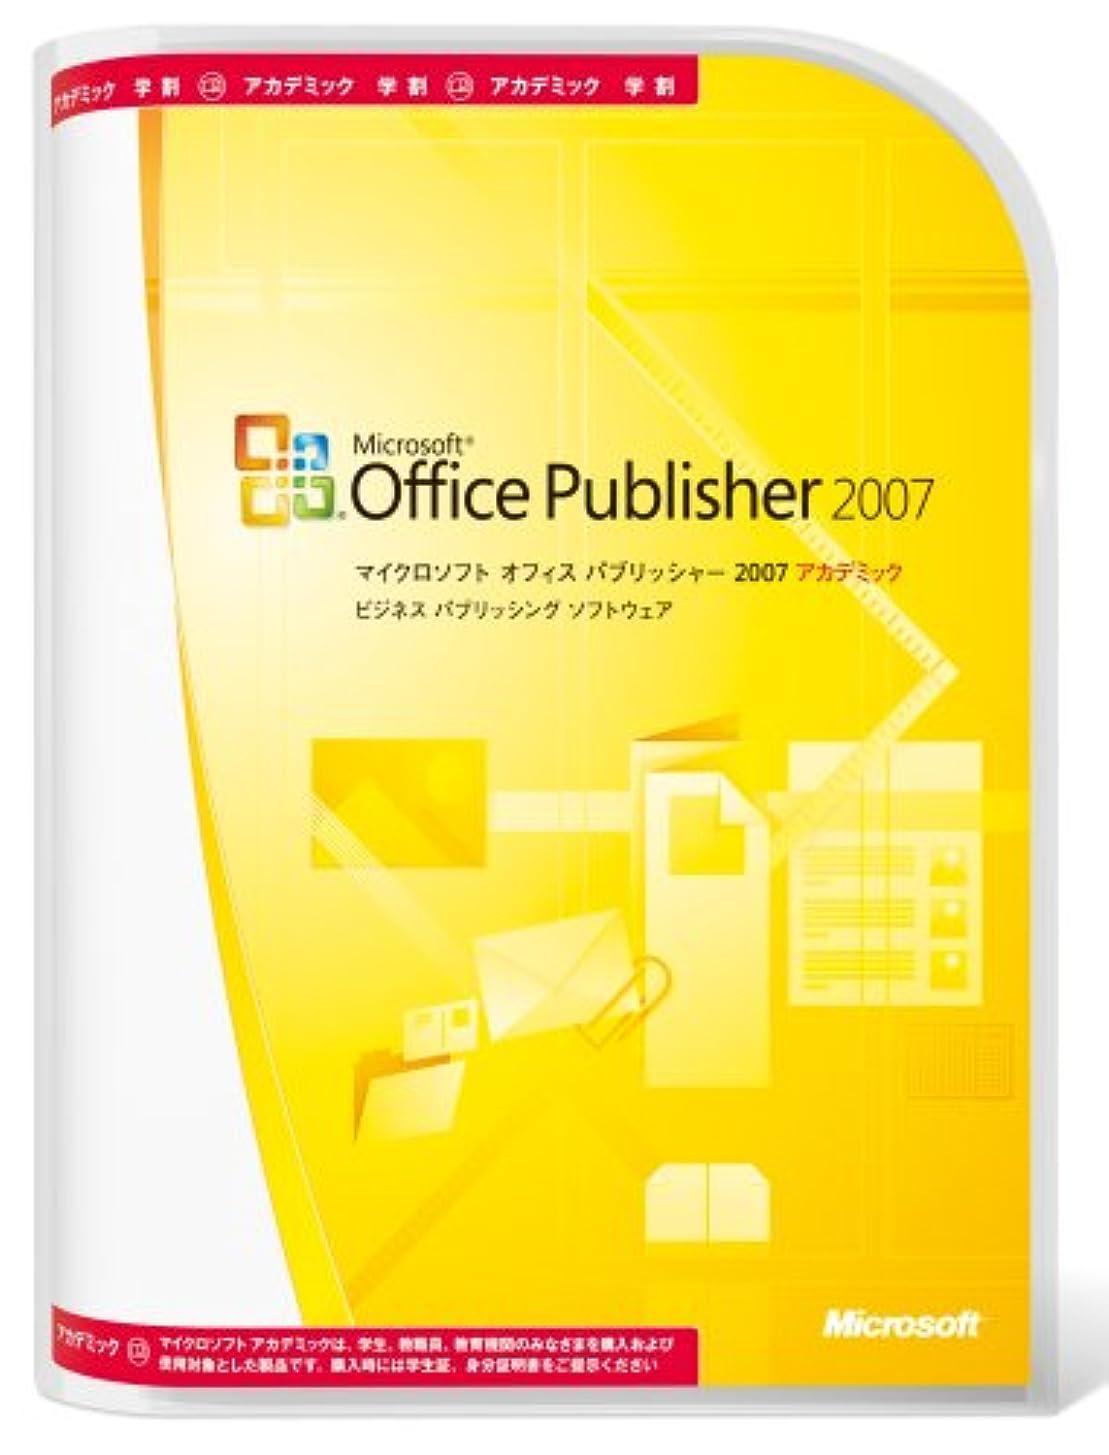 平衡ペフ申し立てられた【旧商品/メーカー出荷終了/サポート終了】Microsoft  Office Publisher 2007 アップグレード